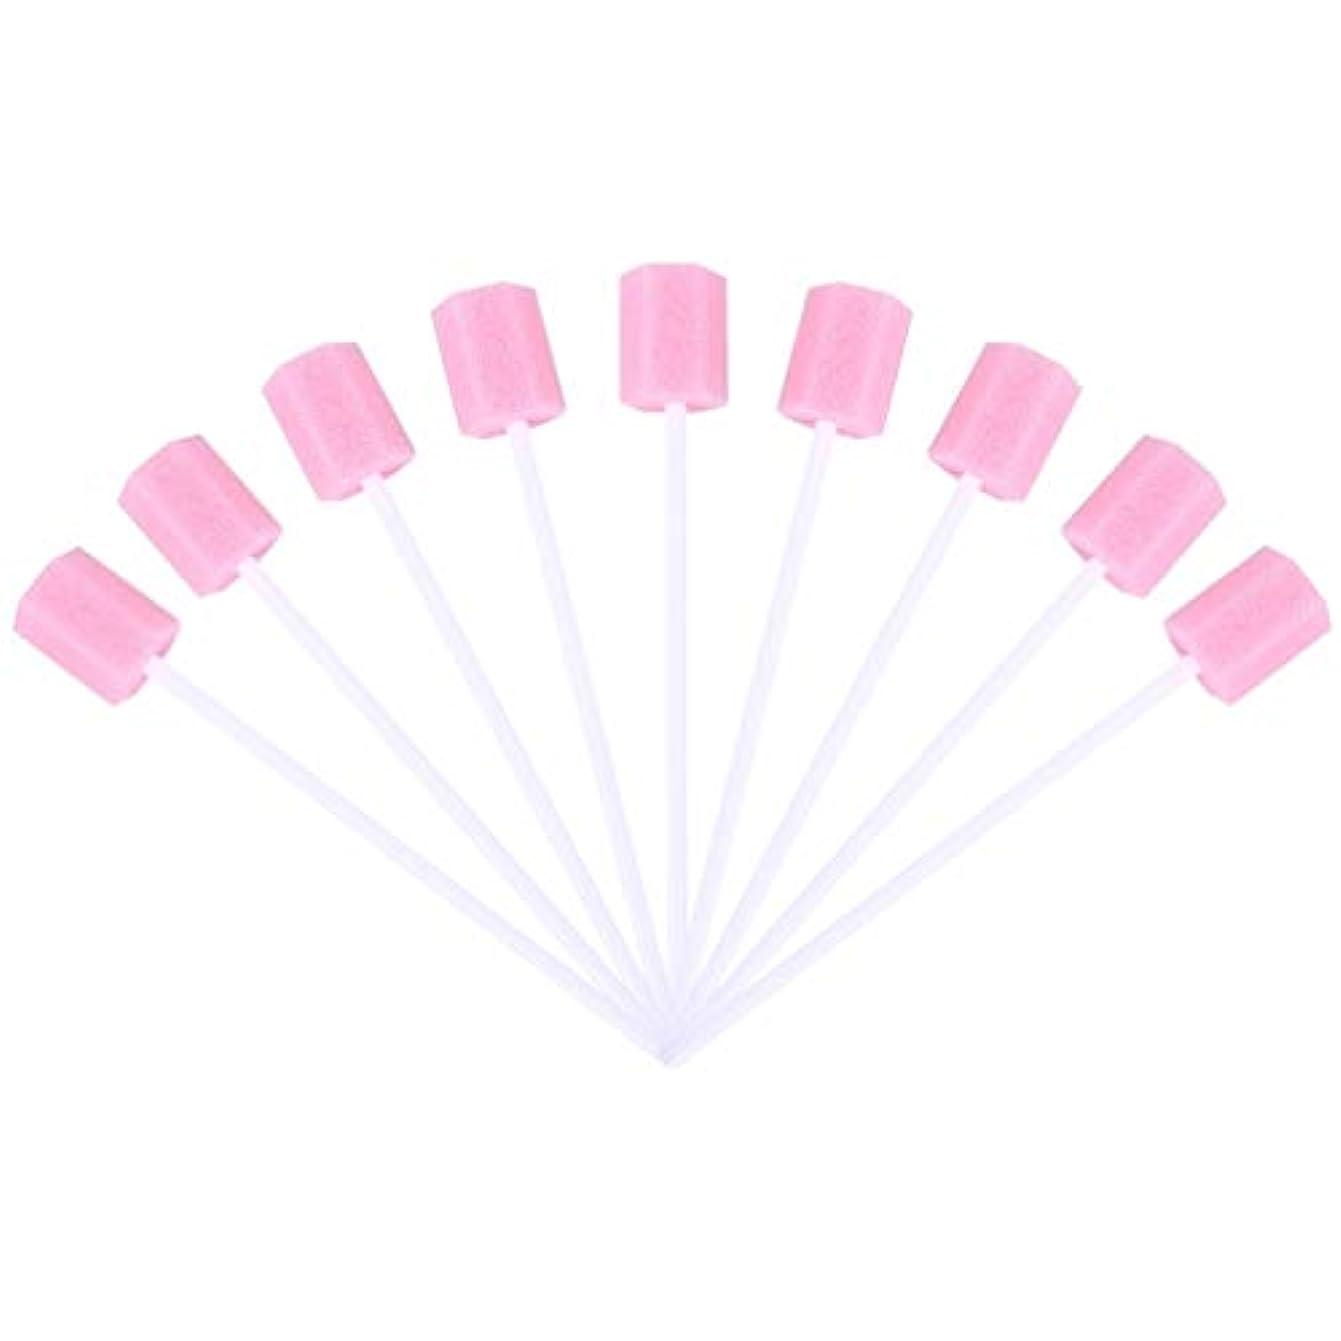 具体的にしかしながら寝てるSUPVOX 30ピーススポンジ綿棒使い捨て医療スポンジスティック歯口洗浄口腔ケアツール(ピンク)